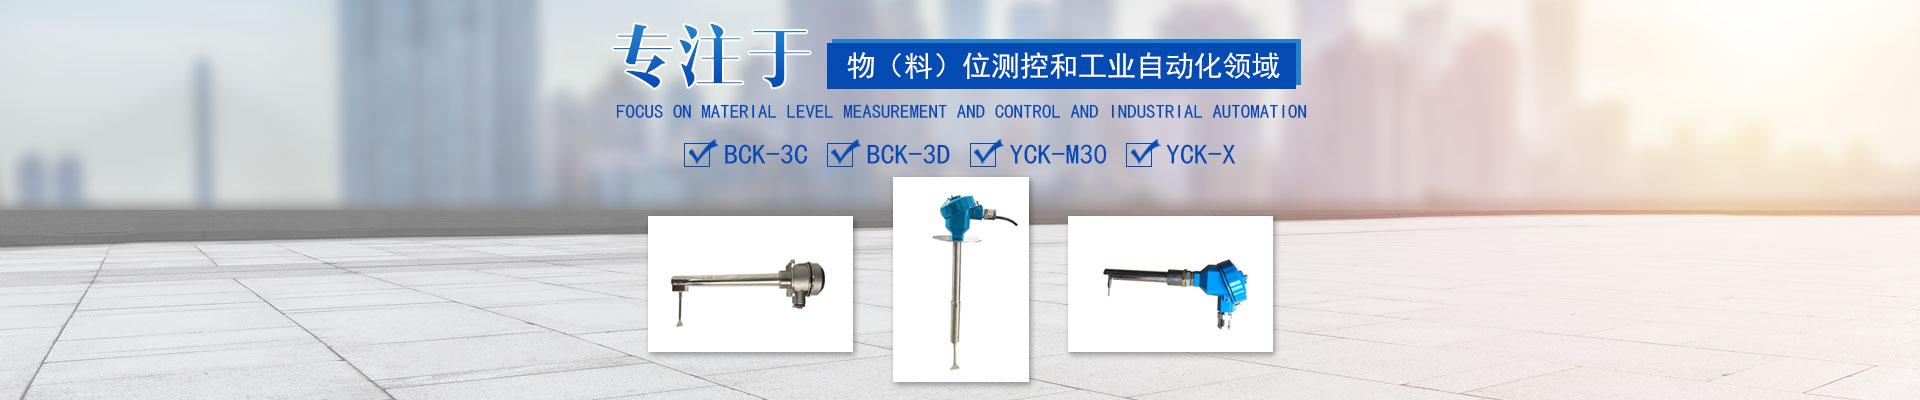 hu南a9娱乐注册电子有限公司